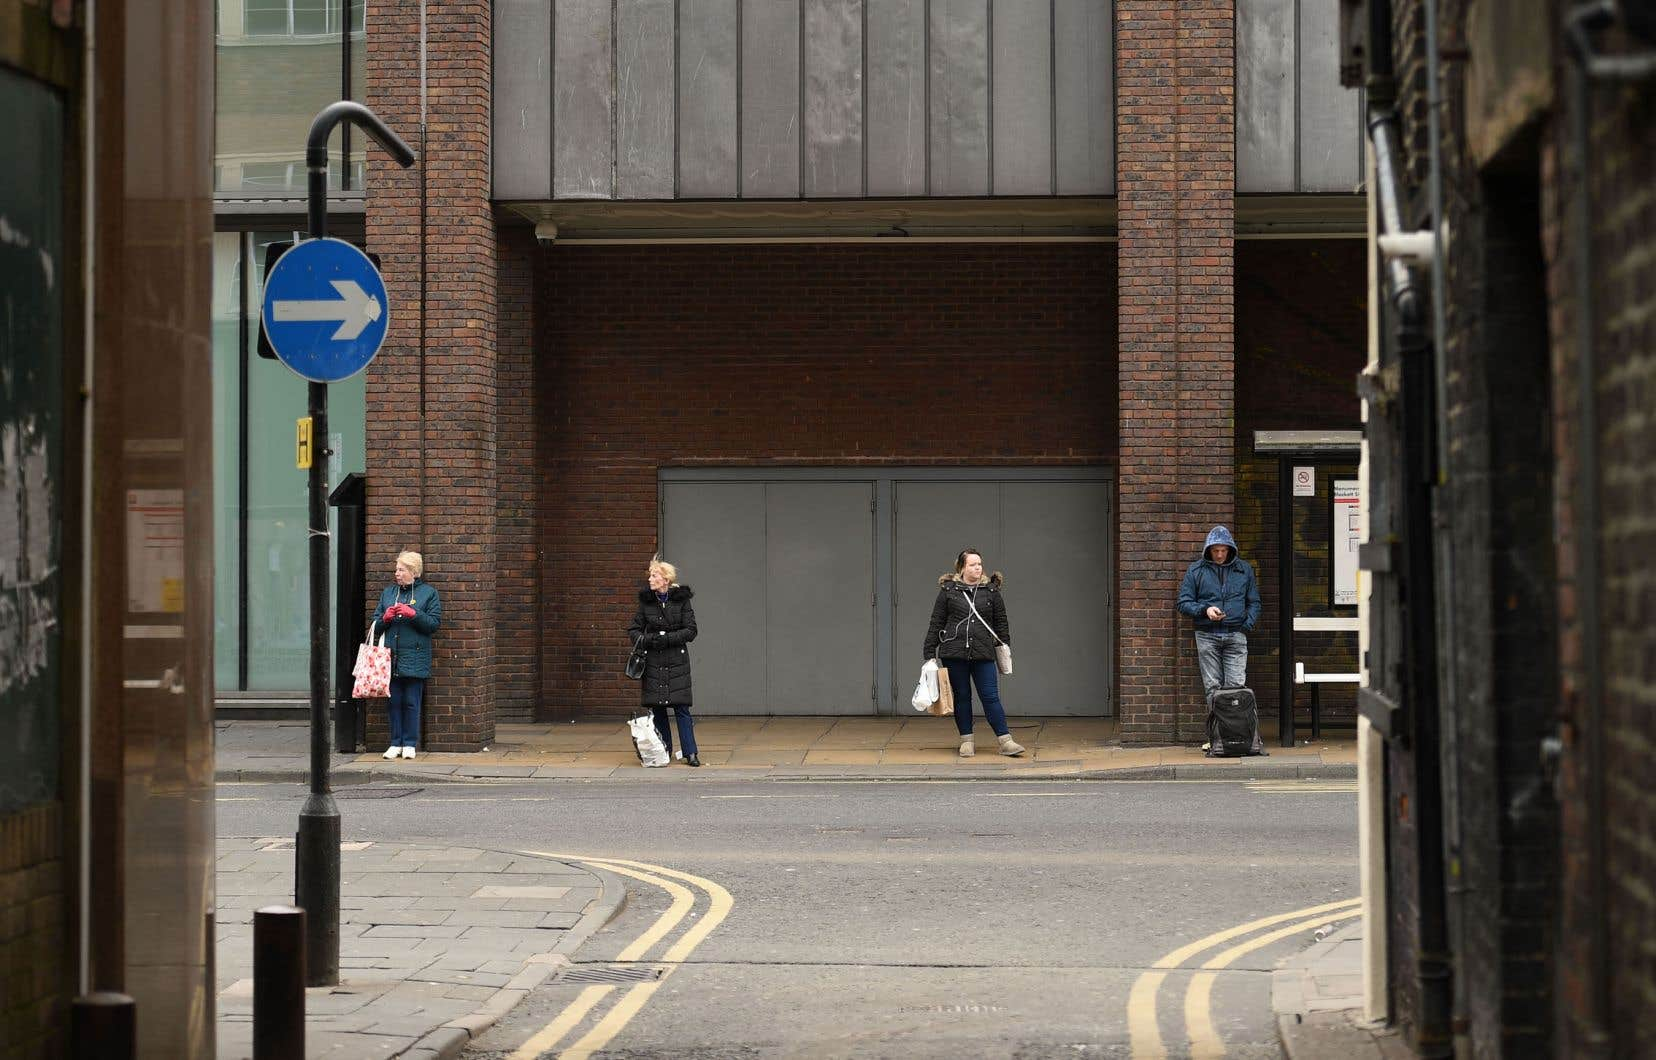 Selon la BBC, ces documents classifiés, une cinquantaine de pages au total, ont été retrouvés mardi matin derrière un arrêt de bus dans le Kent (sud de l'Angleterre), en un tas détrempé.